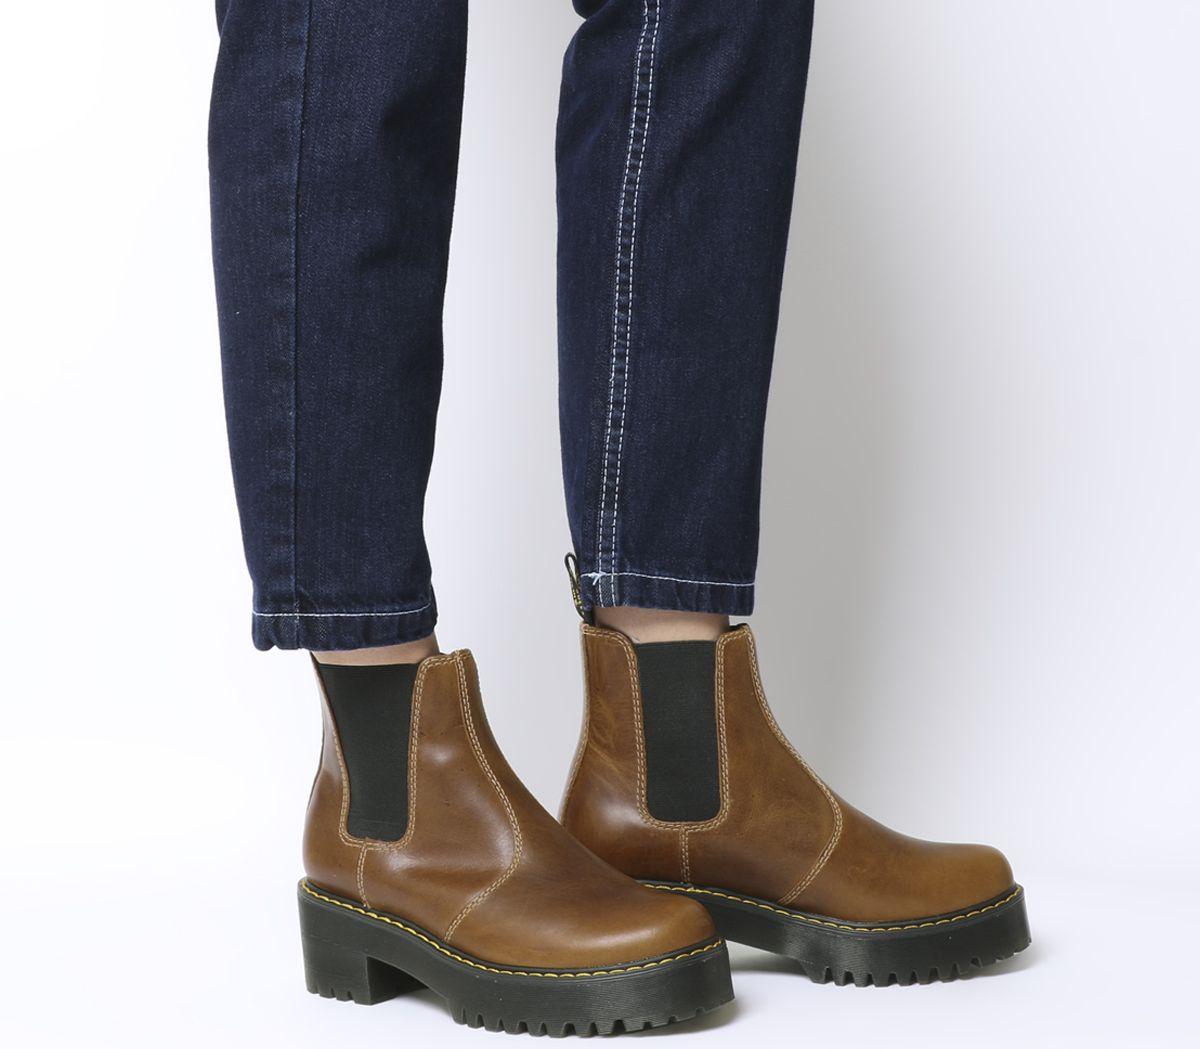 e65353ead18 Dr. Martens Rometty Chelsea Boots Butterscotch Orleans - Ankle Boots